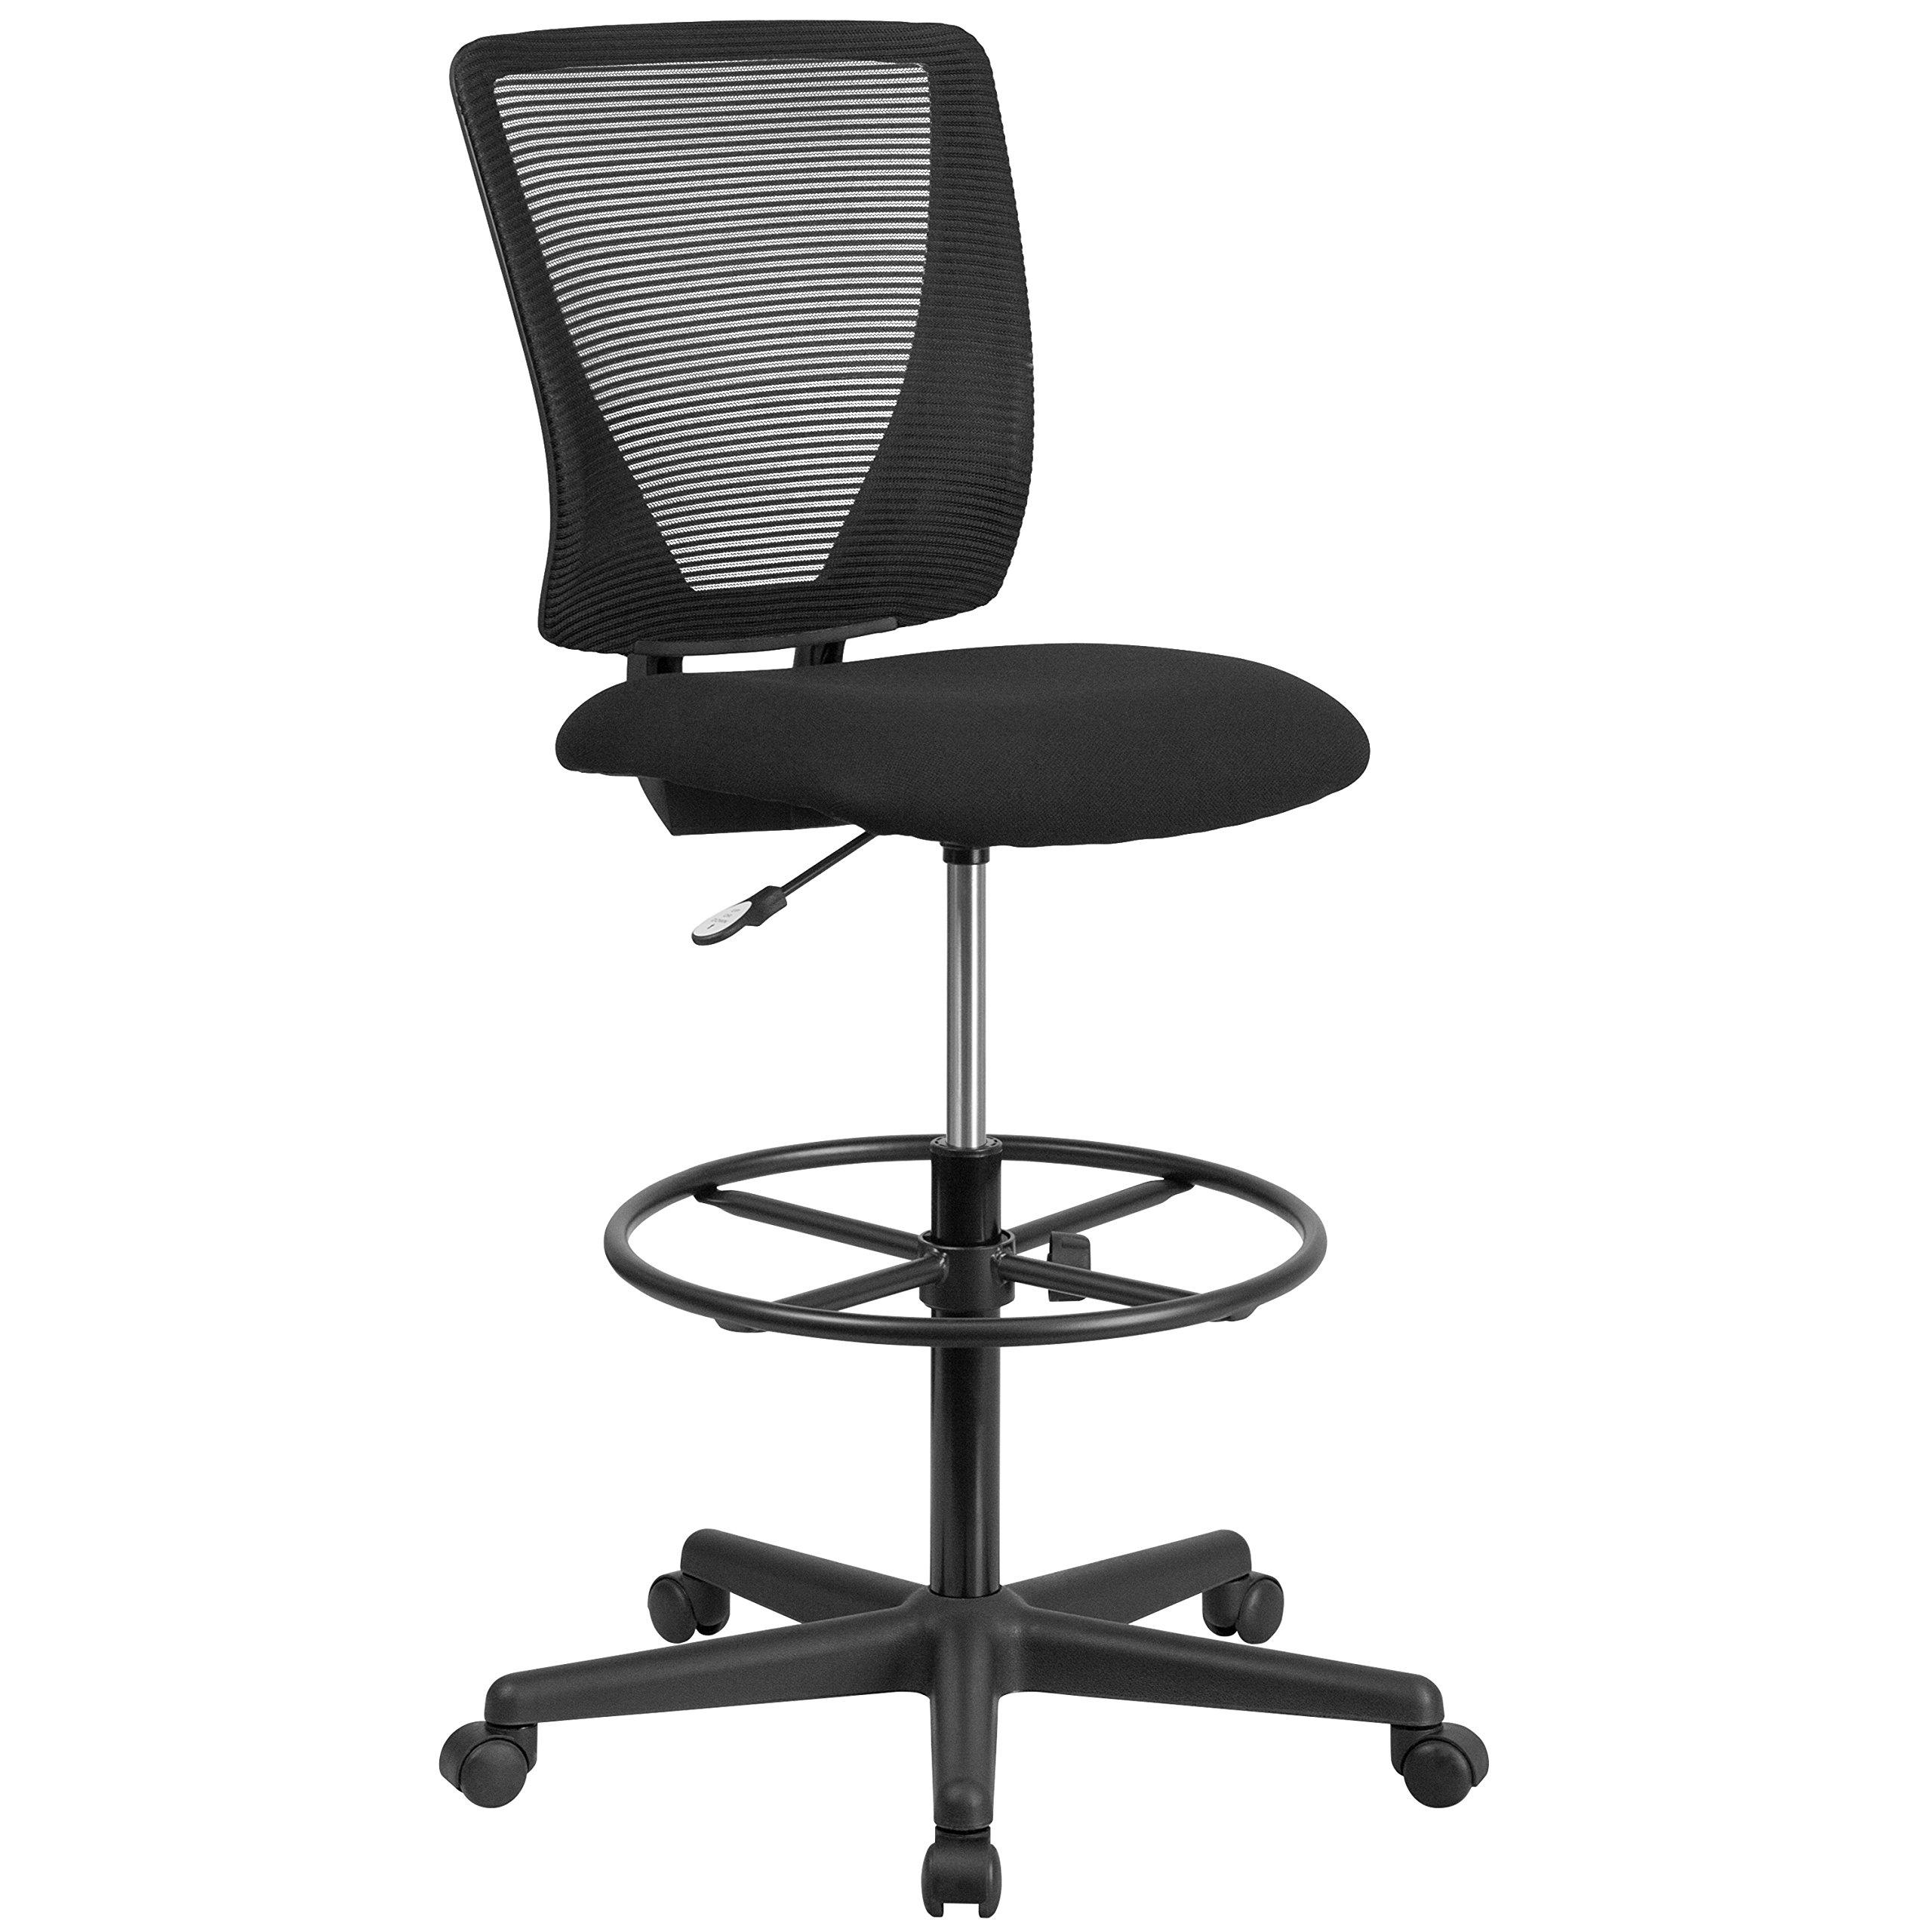 Flash Furniture Ergonomic Mid Back Adjustable